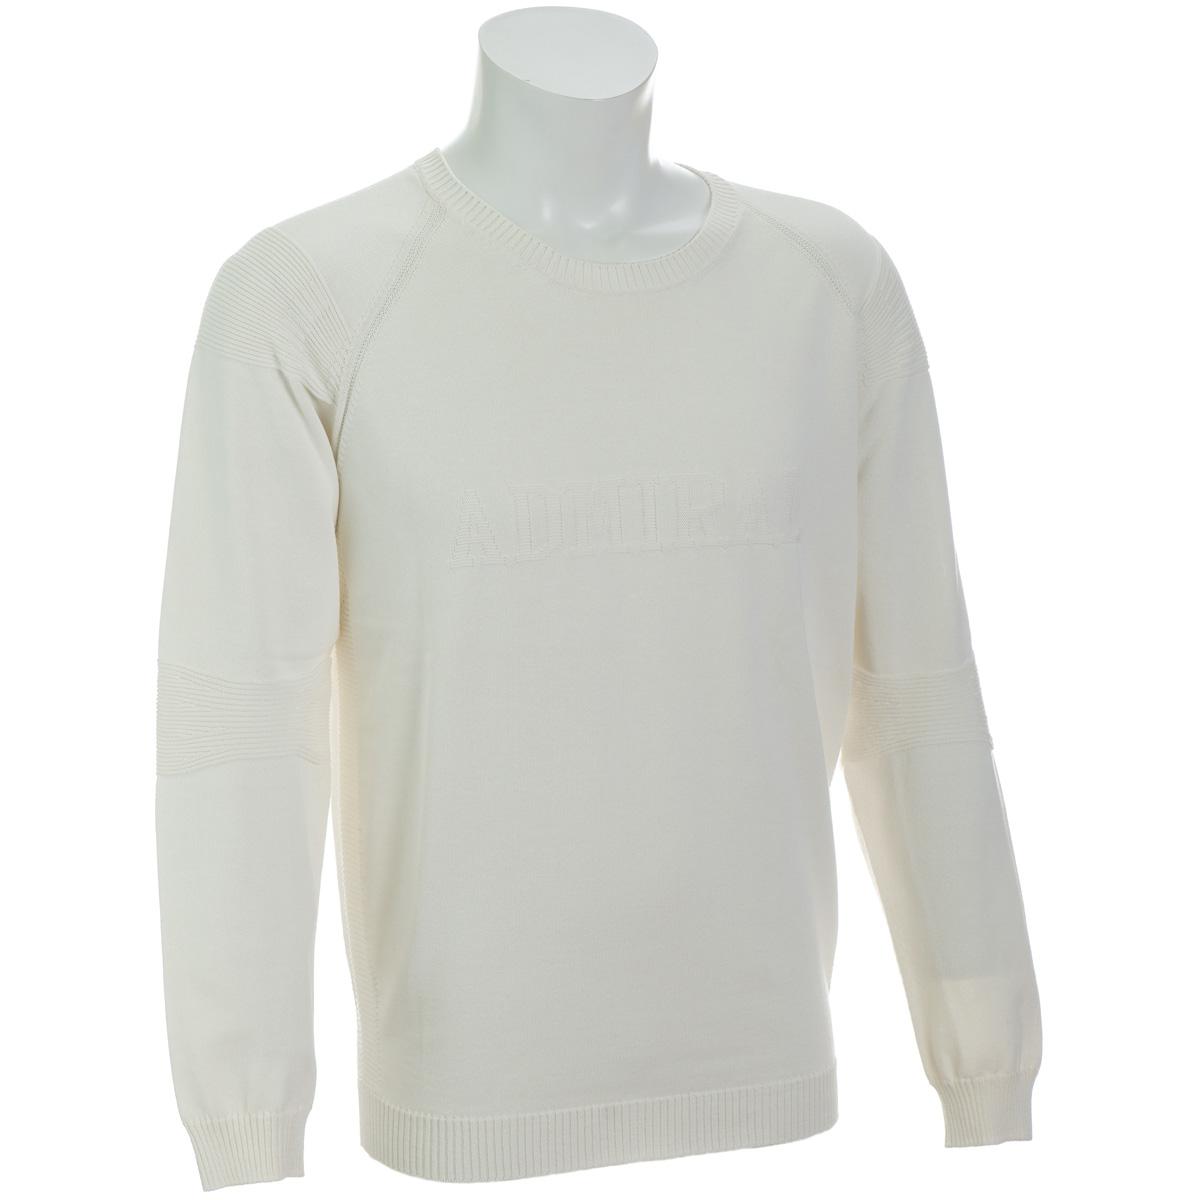 ホールガーメント クルーネックセーター